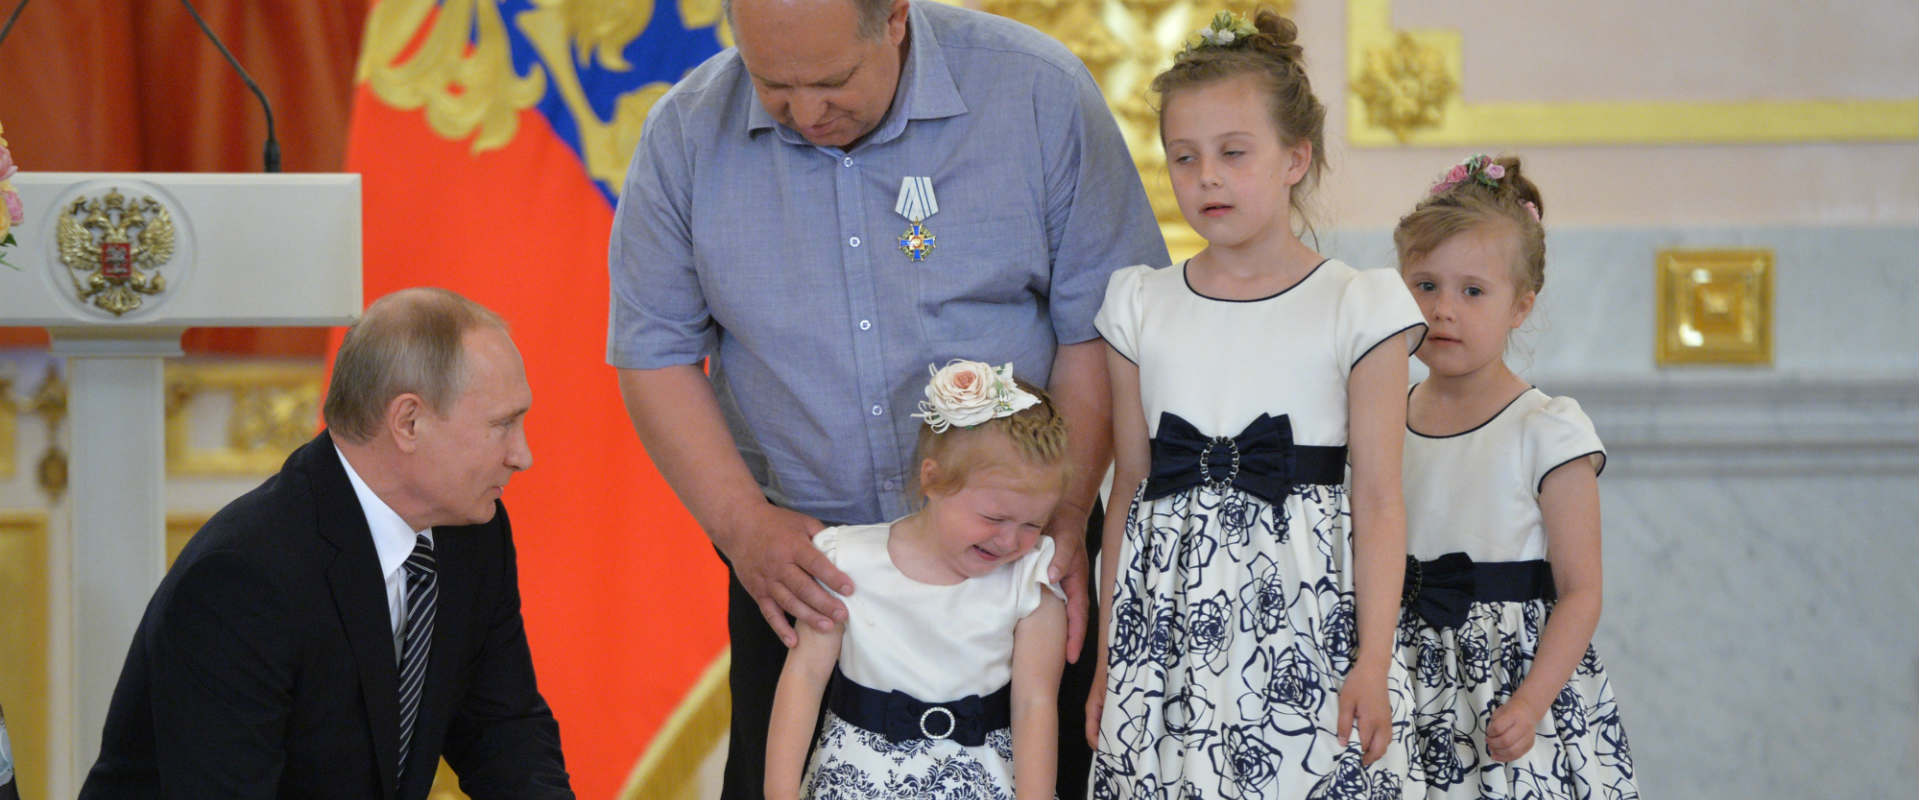 פוטין וילדה מפוחדת